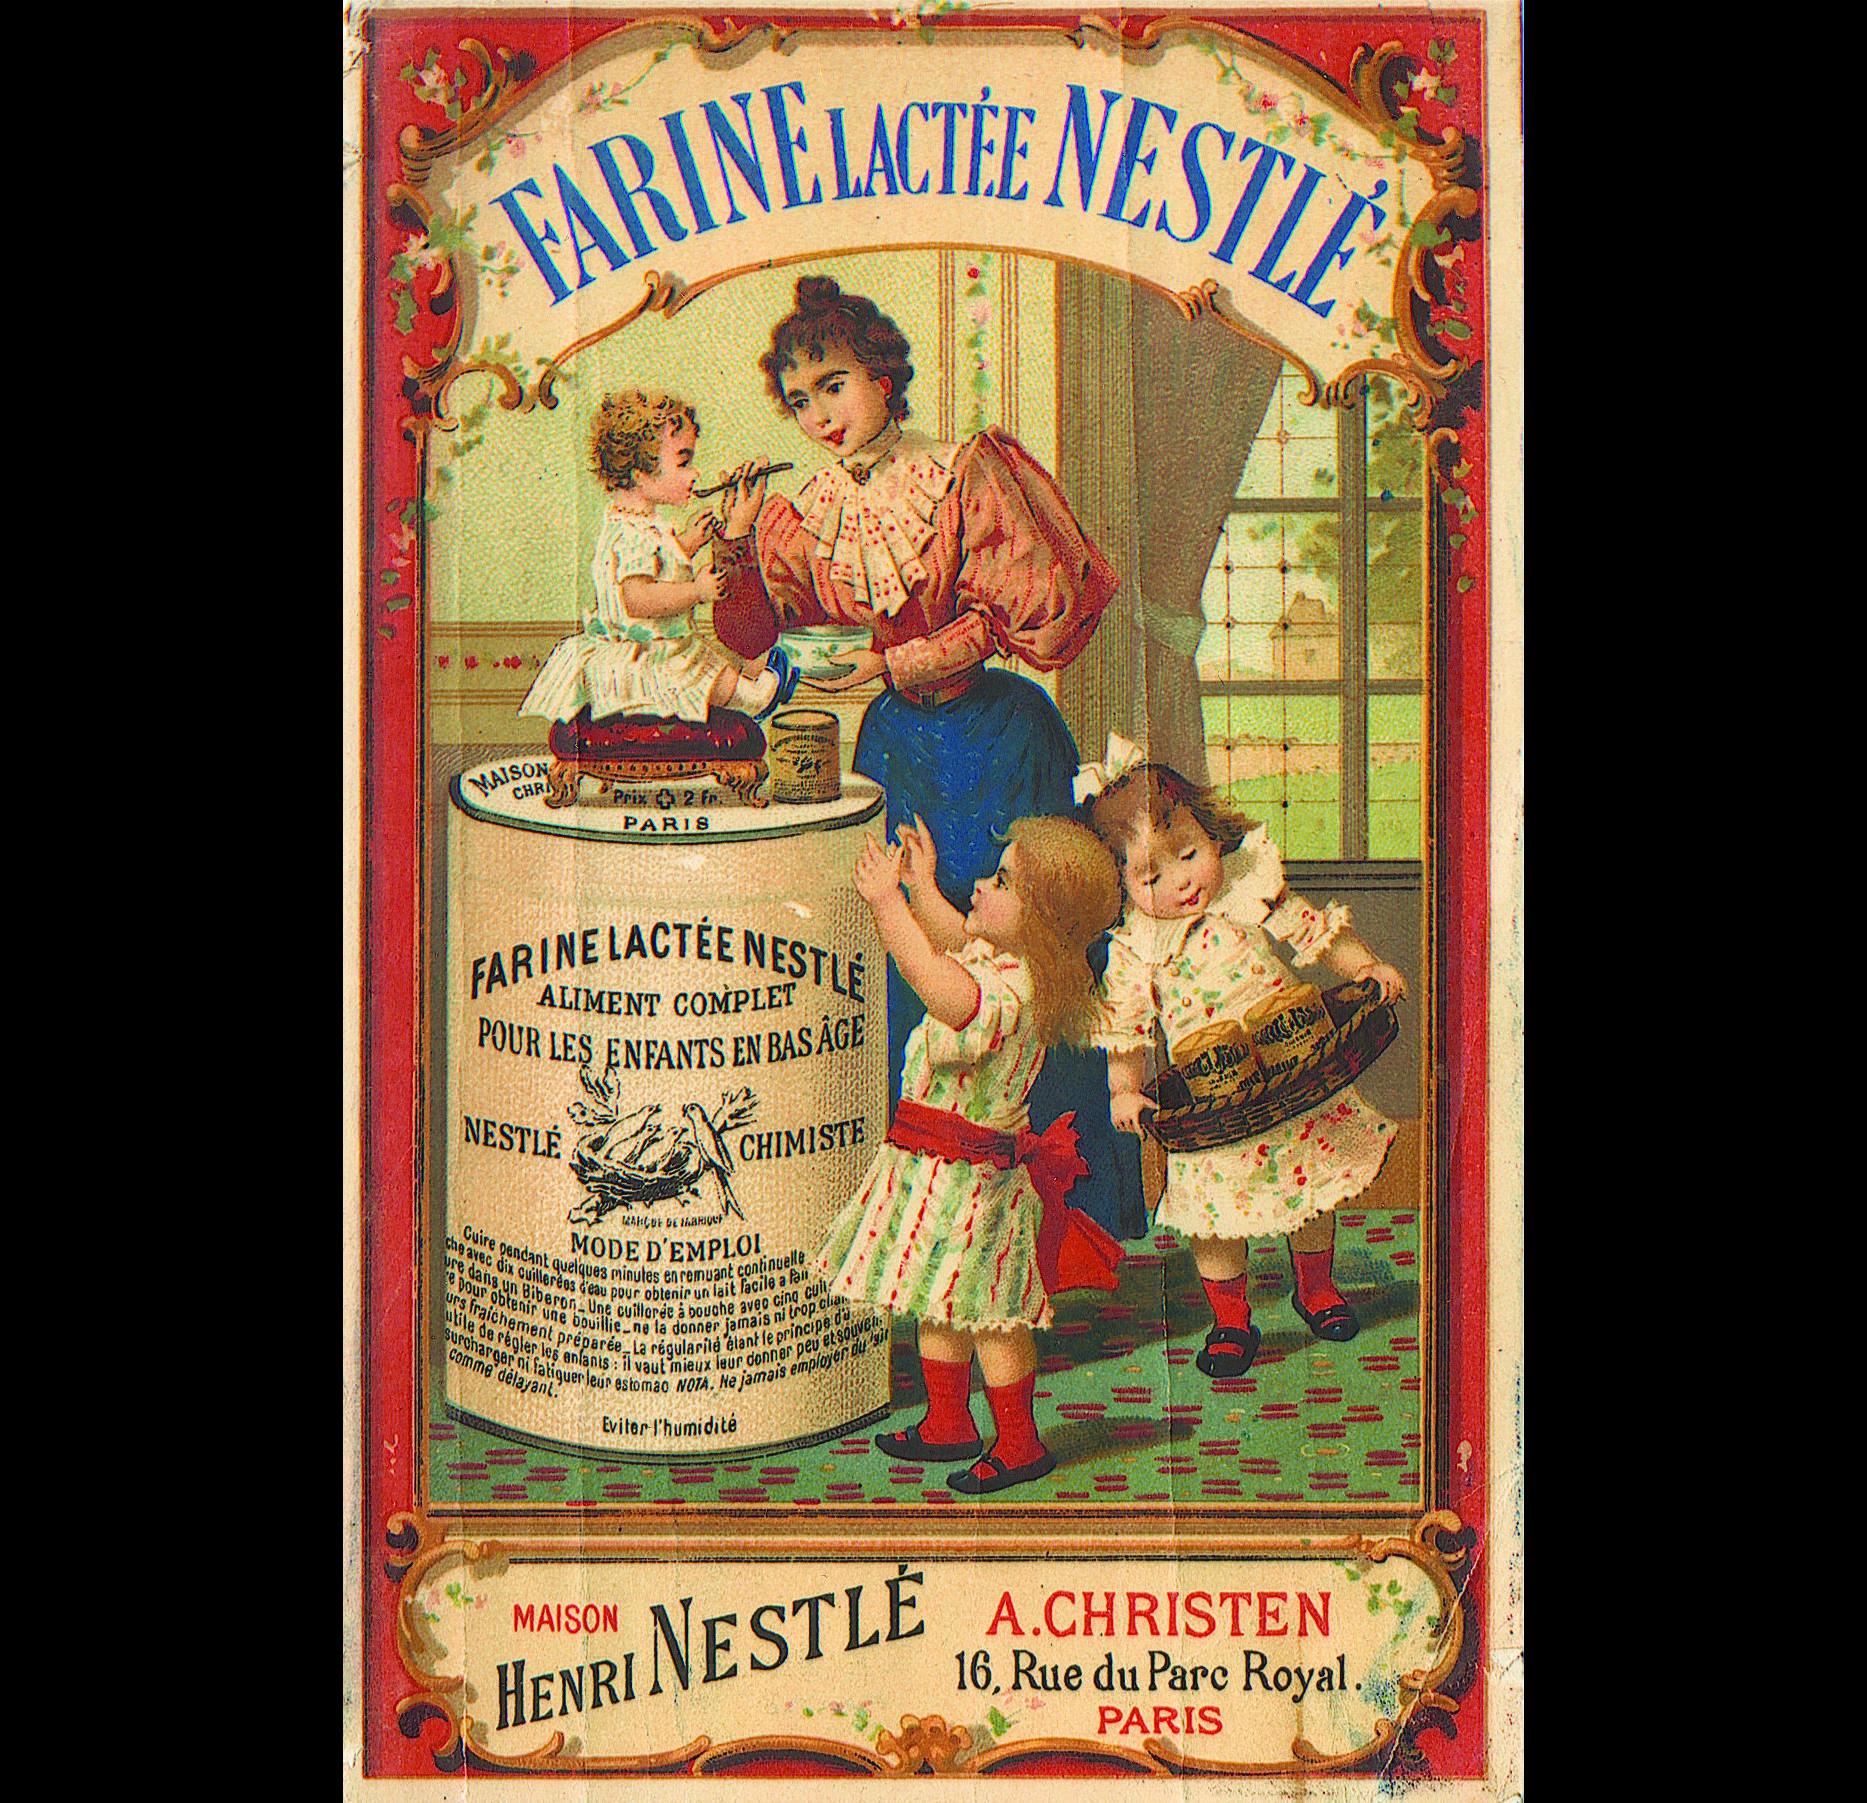 Bár a Nestlé Hungária története harminc évvel ezelőtt kezdődött, a ma jól ismert Nestlé termékek sokkal régebben vannak jelen a magyar fogyasztók életében: a cég csecsemőtápszereivel és MAGGI® termékeivel a boltok polcain nagyanyáink és dédanyáink már a 19. század végén is találkozhattak.